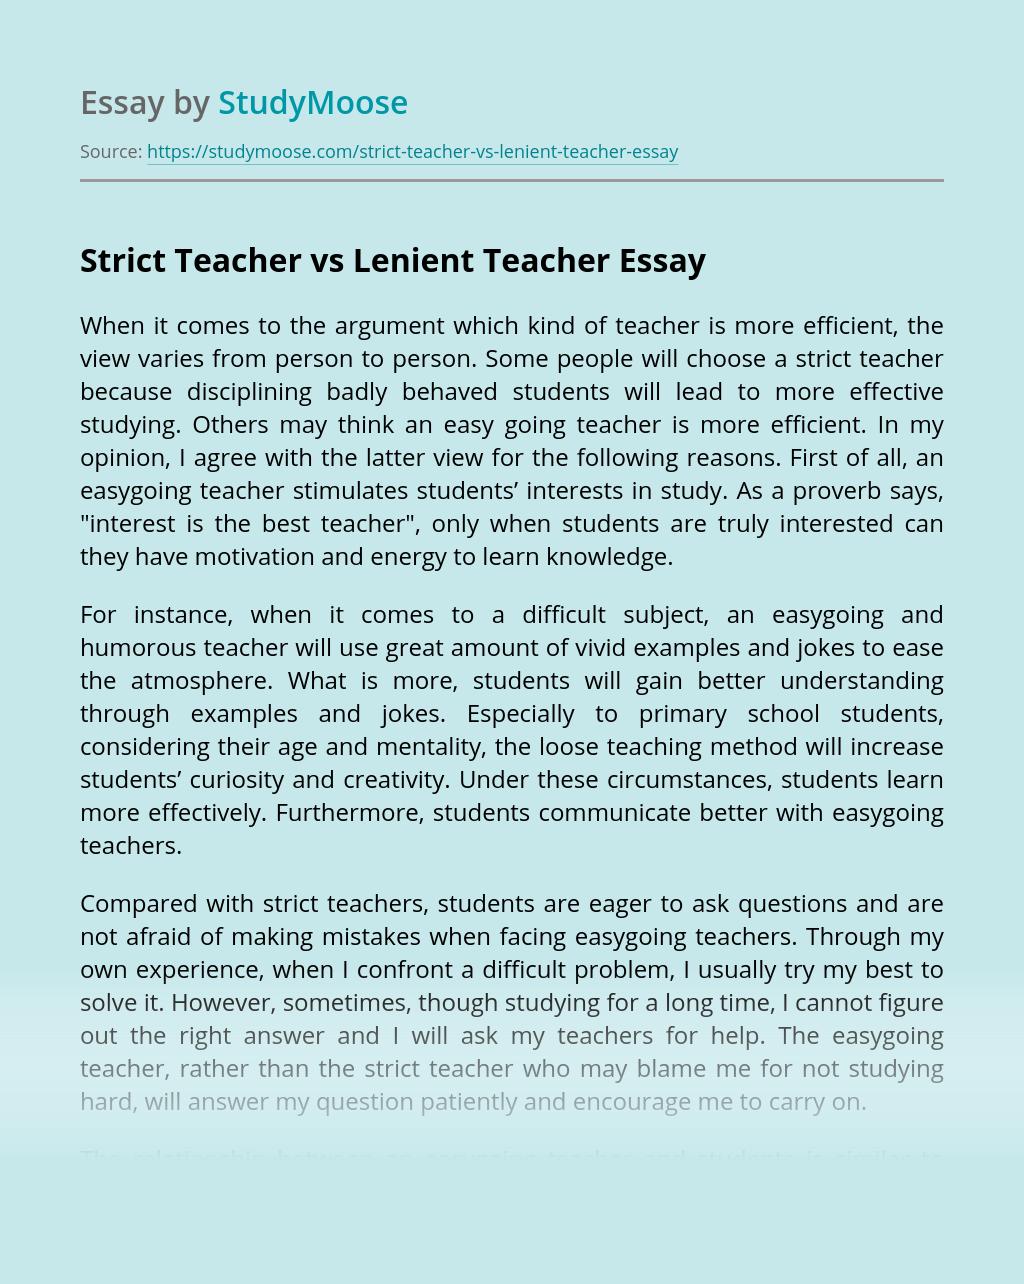 Strict Teacher vs Lenient Teacher